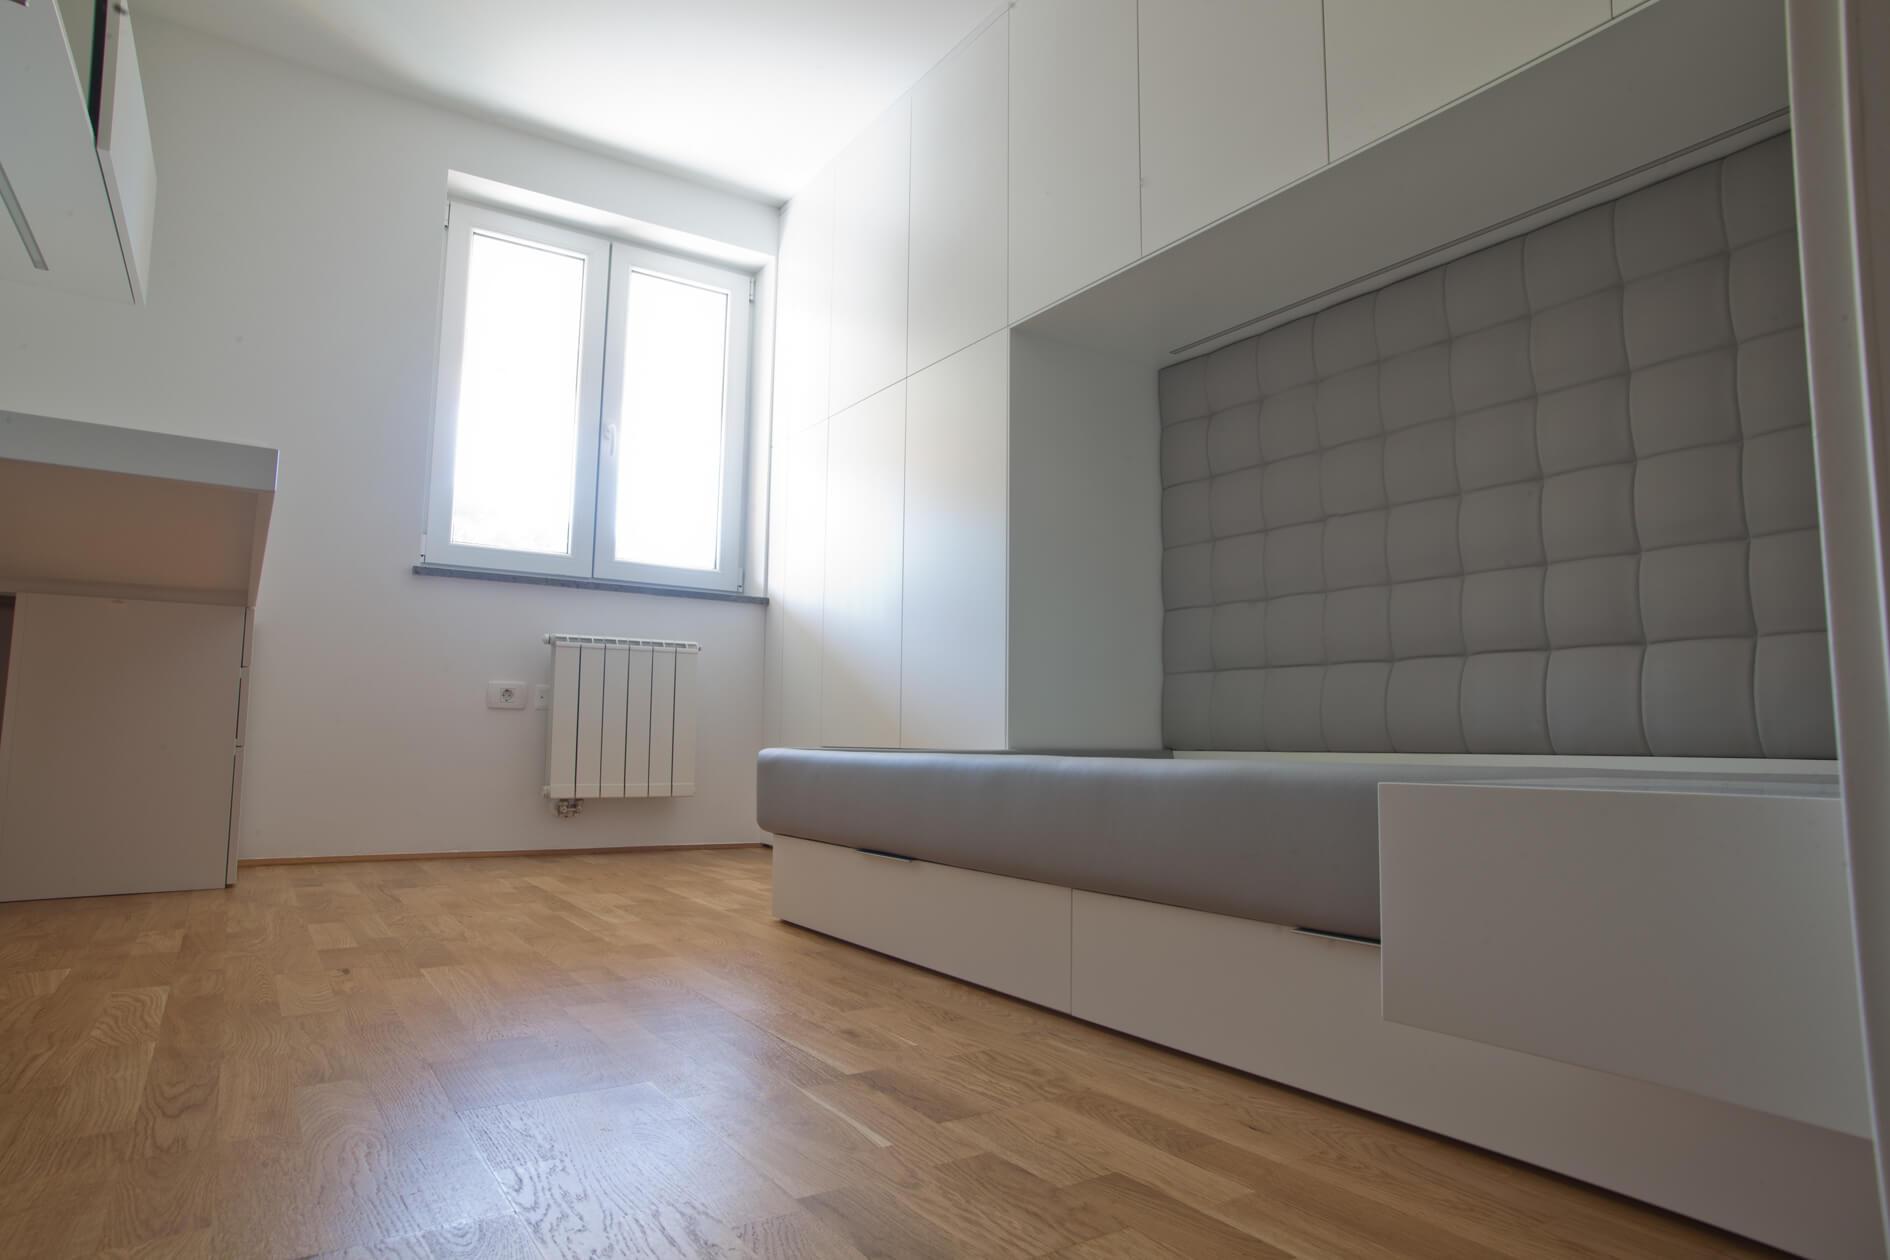 Pohištvo po meri za mladinsko sobo oblazinjen posteljni okvir